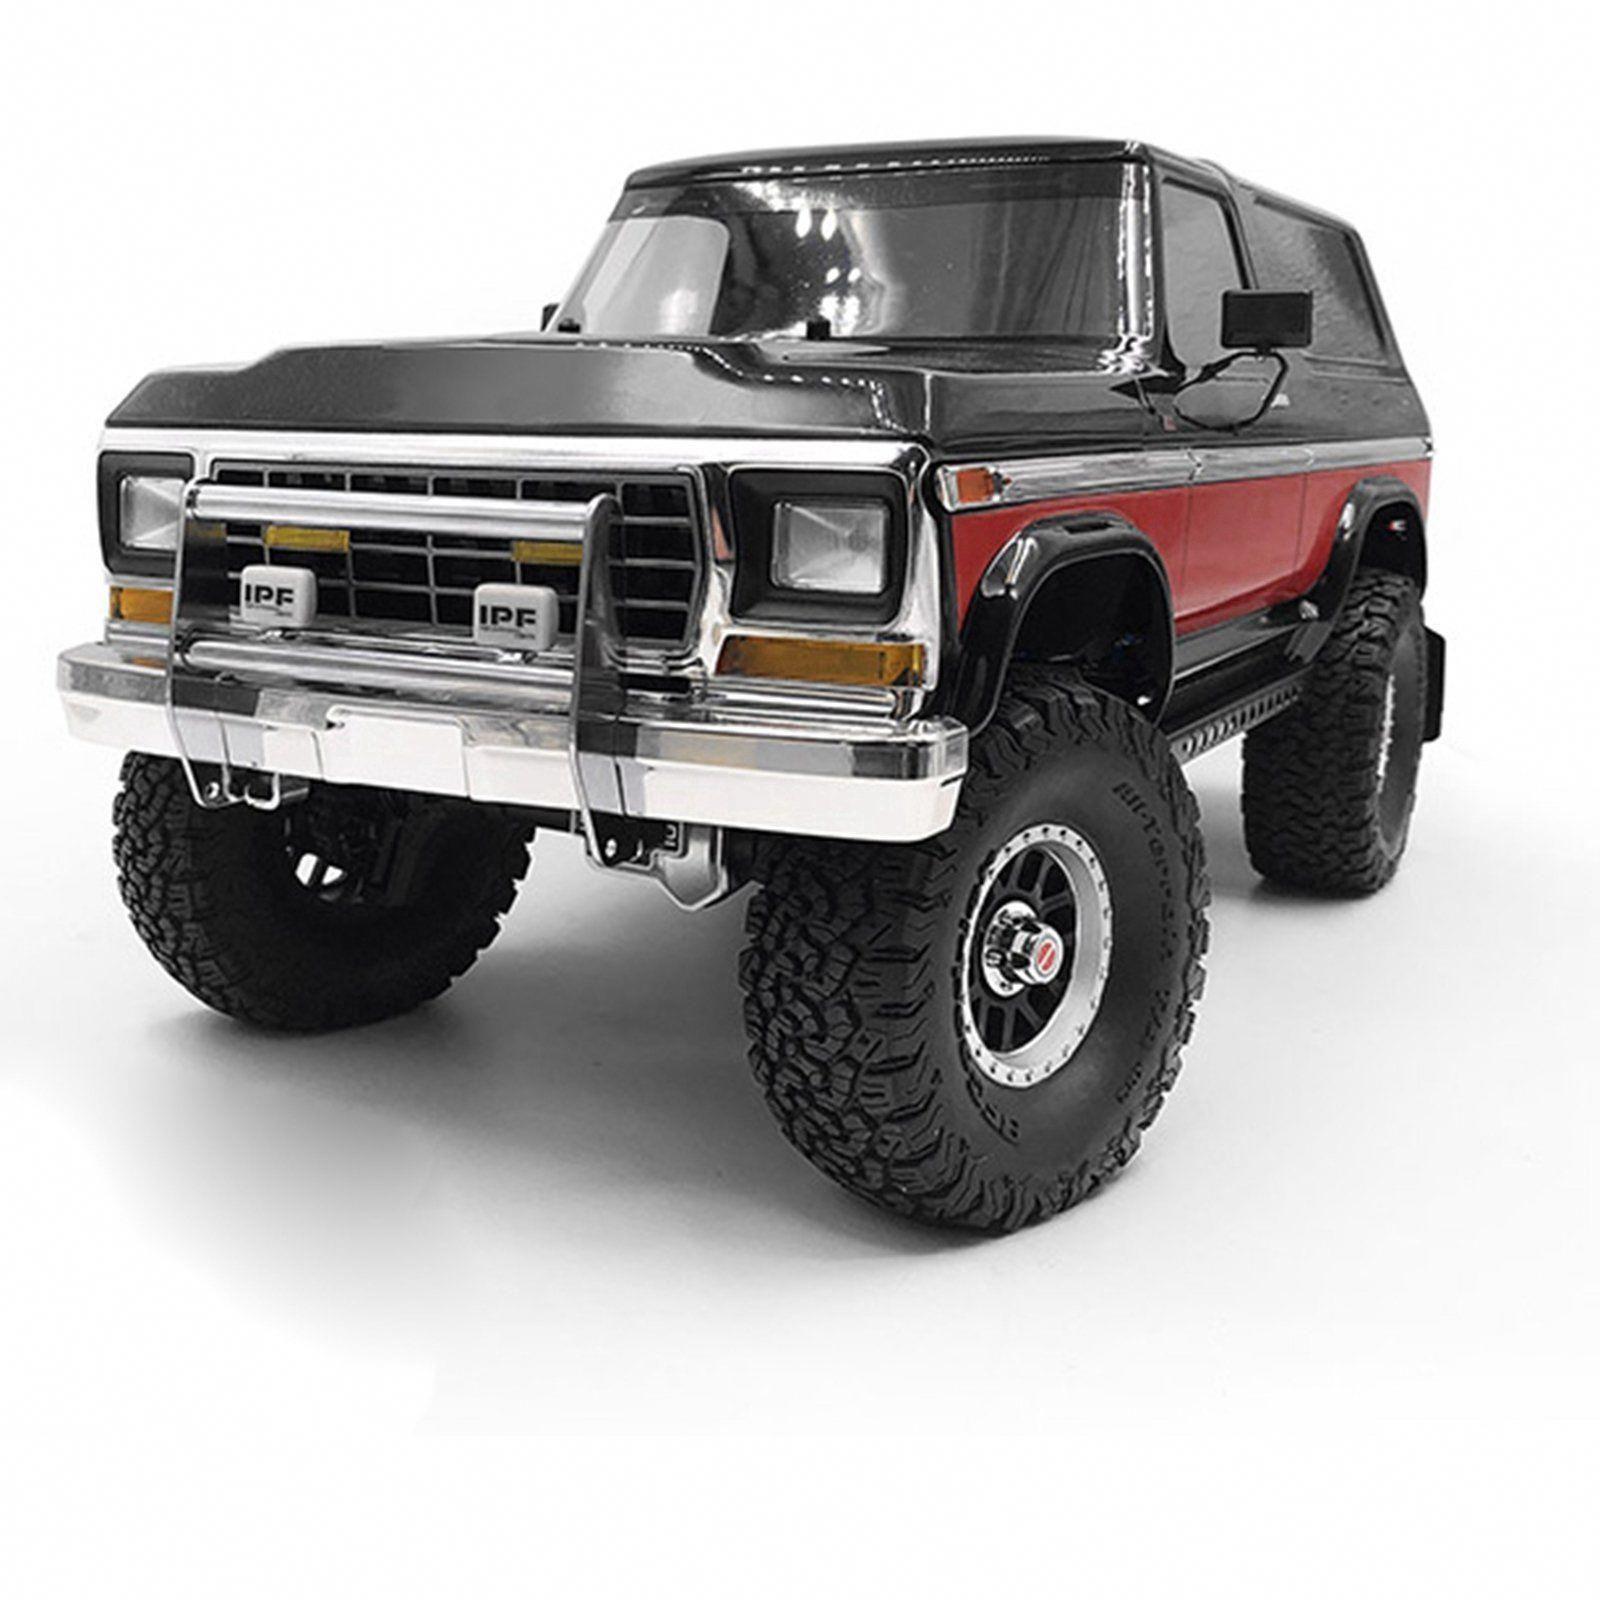 Led LED Light Set for 1:10 RC Car Crawler Traxxas TRX4 Ford Bronco Ranger XLT US